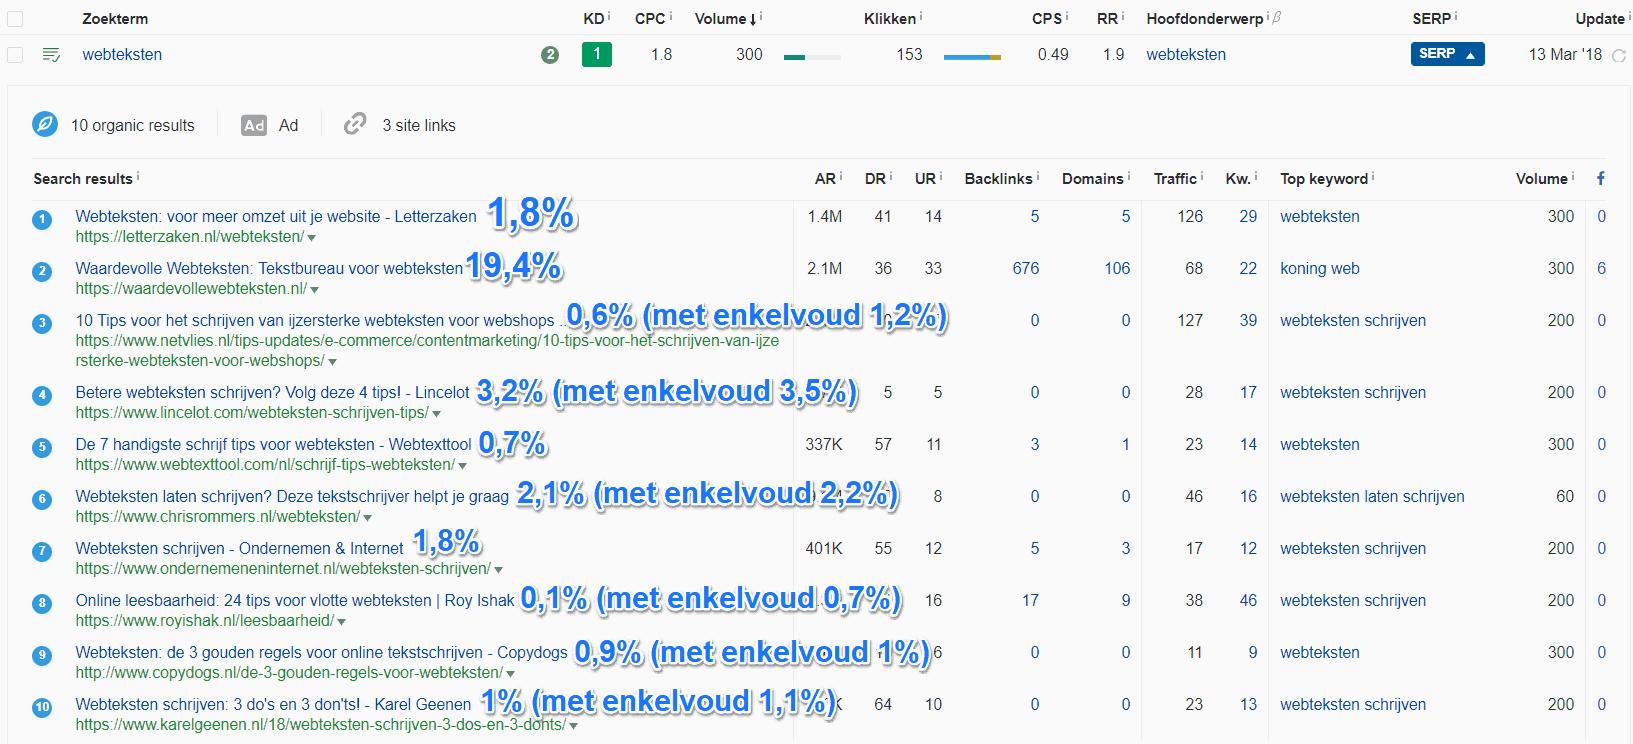 Zoekwoorddichtheid voor de pagina's over webteksten in de top 10 in Google